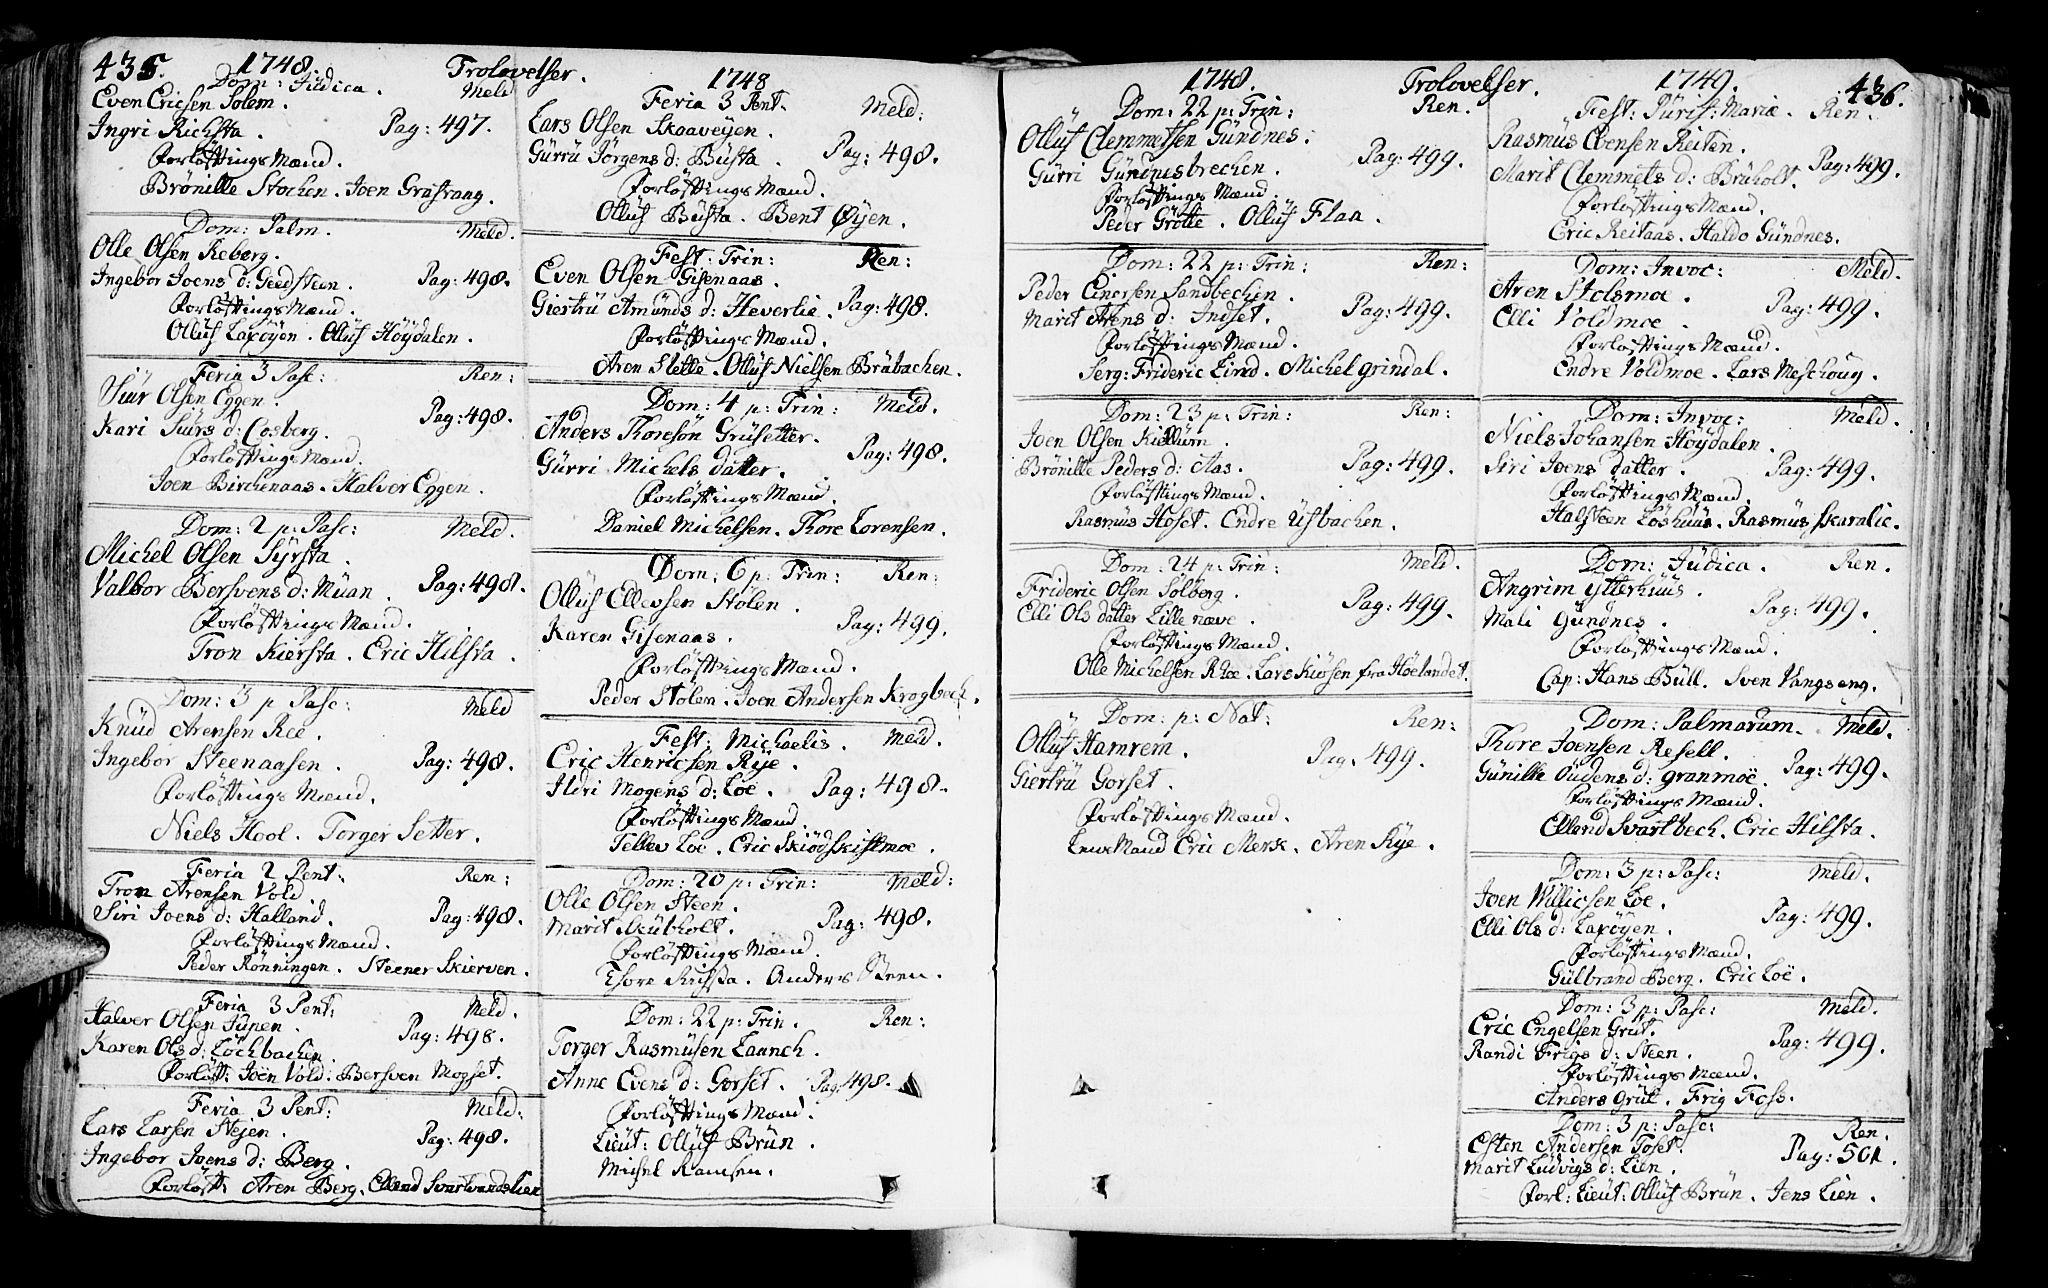 SAT, Ministerialprotokoller, klokkerbøker og fødselsregistre - Sør-Trøndelag, 672/L0850: Ministerialbok nr. 672A03, 1725-1751, s. 435-436